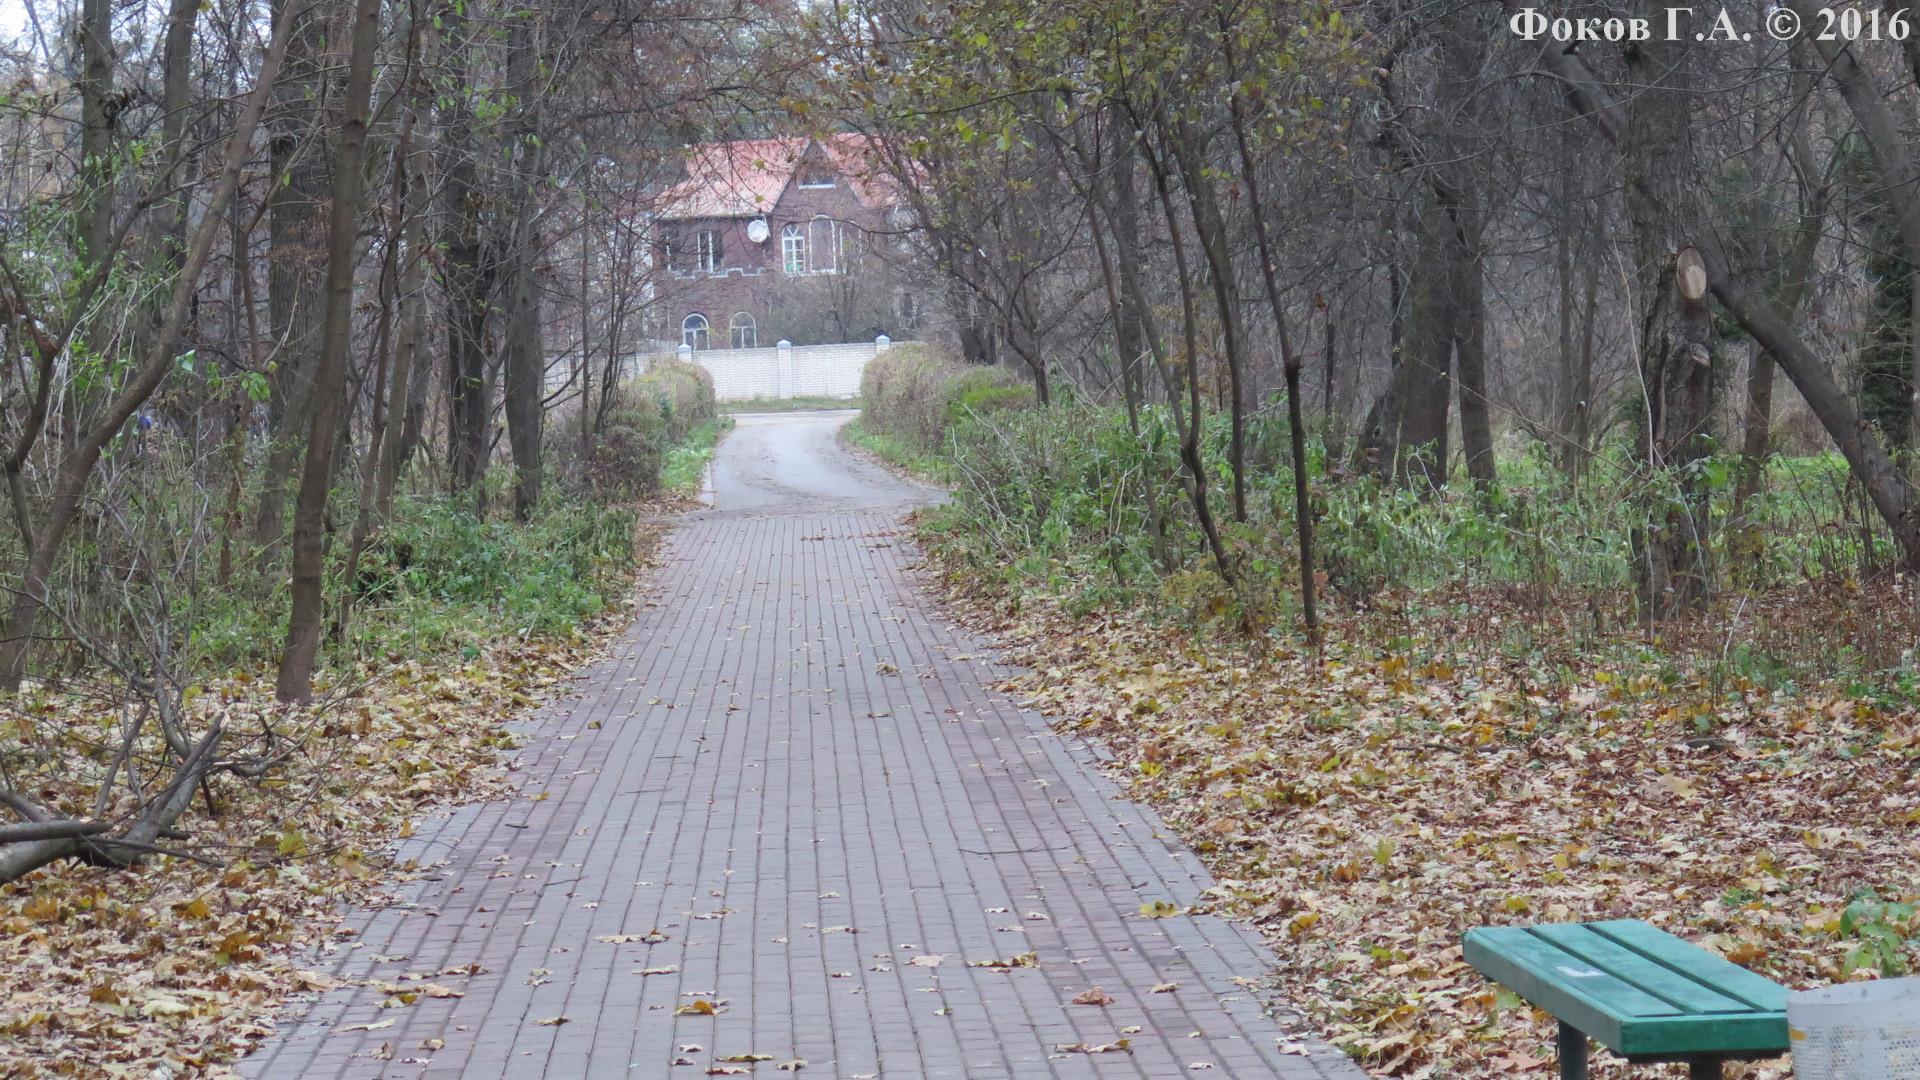 Аллея, ведущая к улице, на которой Сырецкий дендропарк